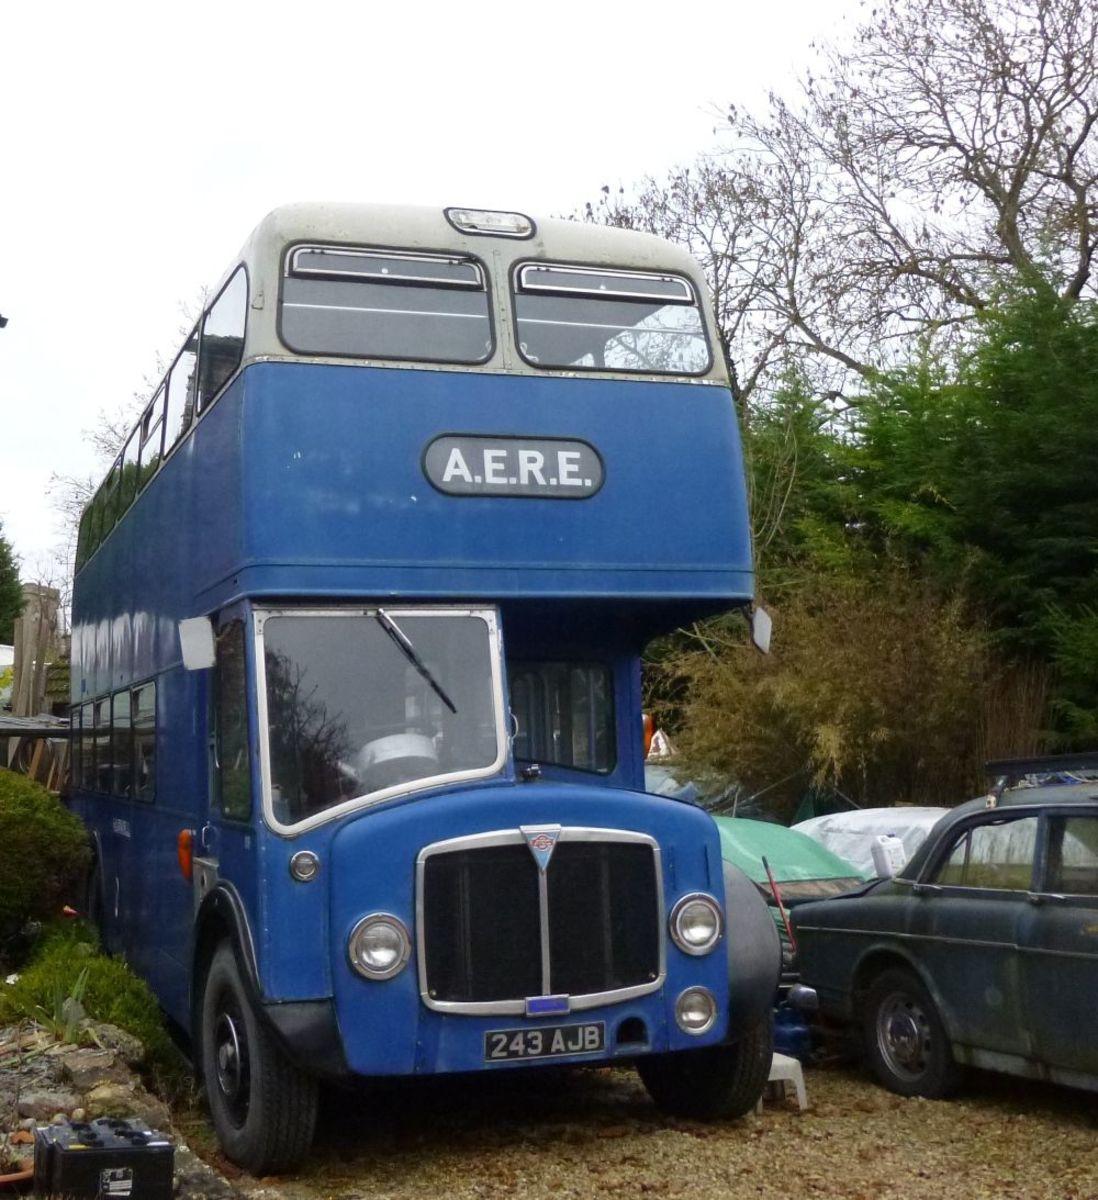 AEC Bus Ex AERE